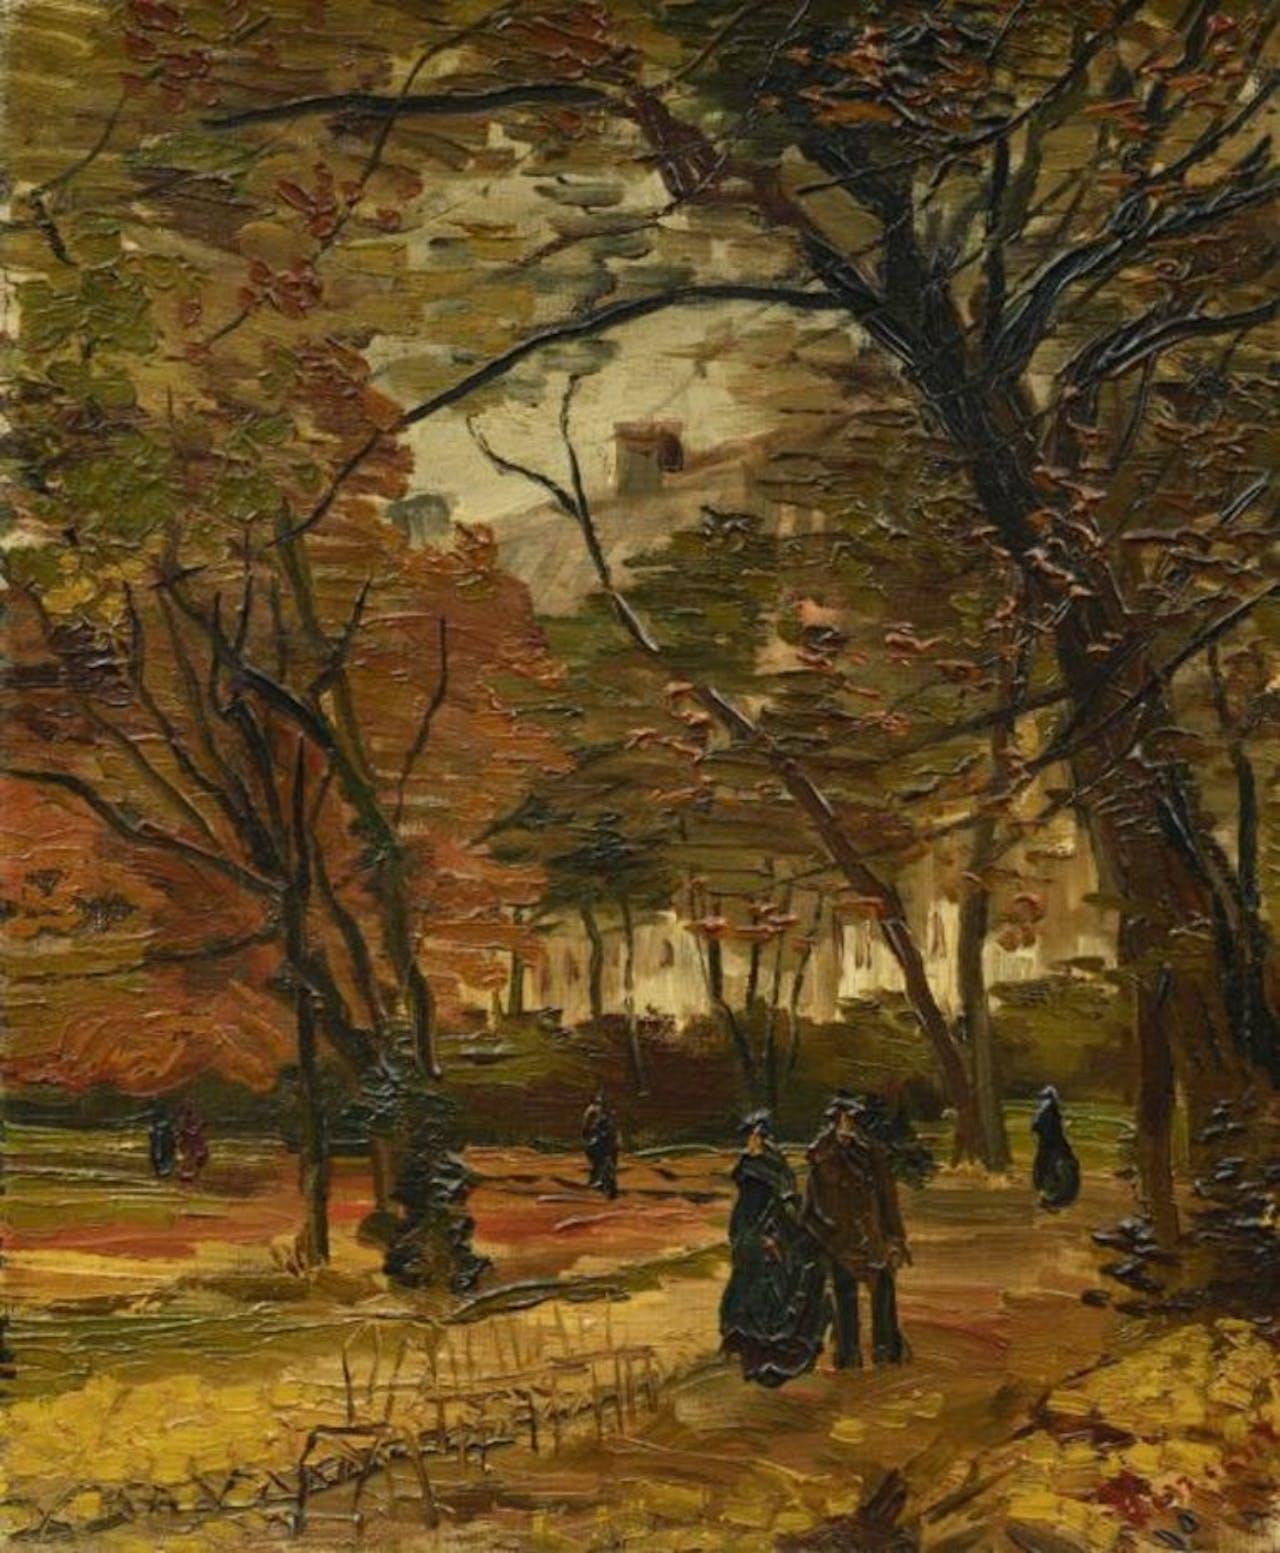 Ook een ander schilderij van Van Gogh werd geveild: Mensen wandelend in een park in Parijs (1886)